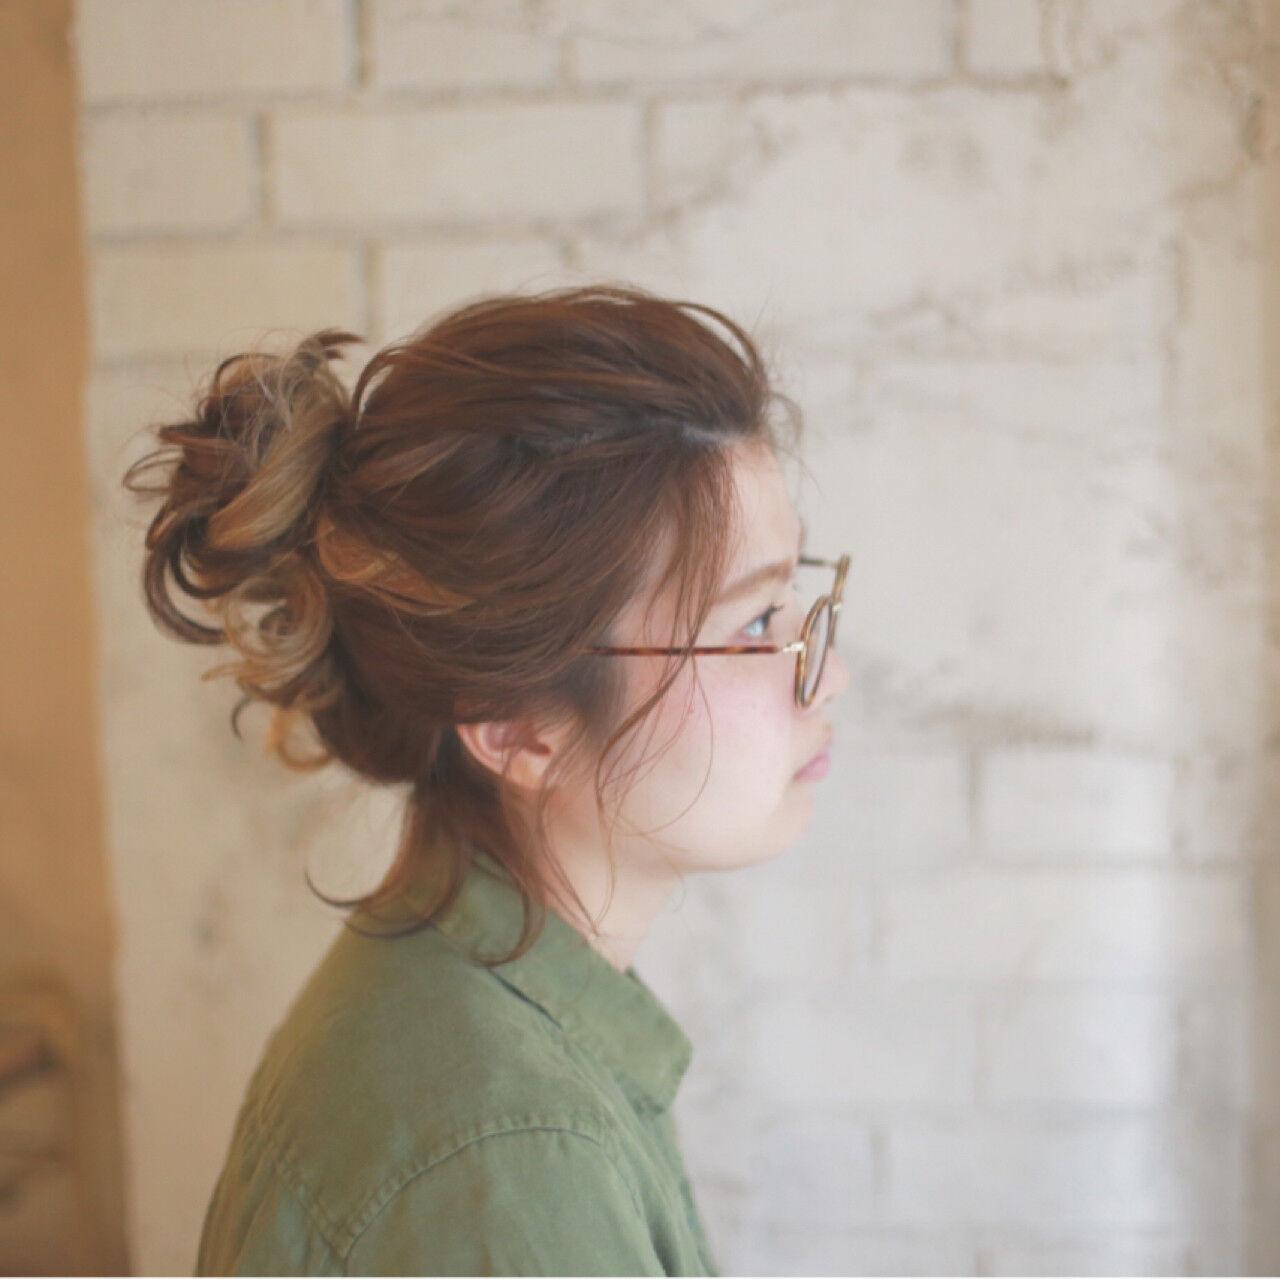 ミディアム 夏 くせ毛風 ゆるふわヘアスタイルや髪型の写真・画像